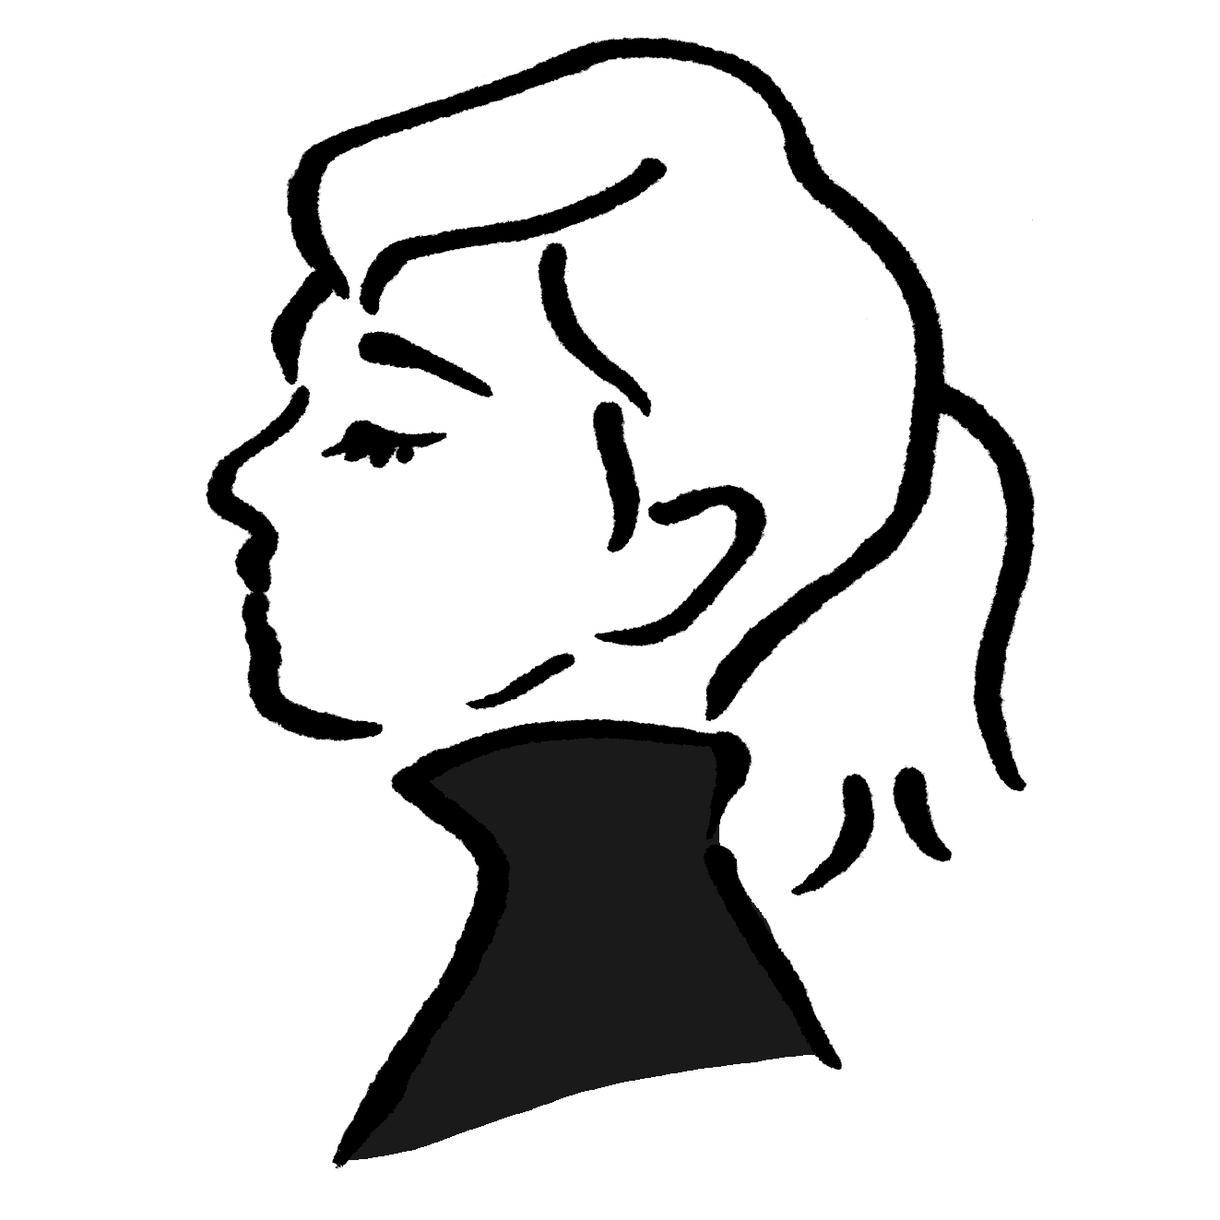 太めのシンプル線で可愛らしくイラスト描きます 似顔絵、アイコン、印刷物への挿絵など、広くご利用いただけます